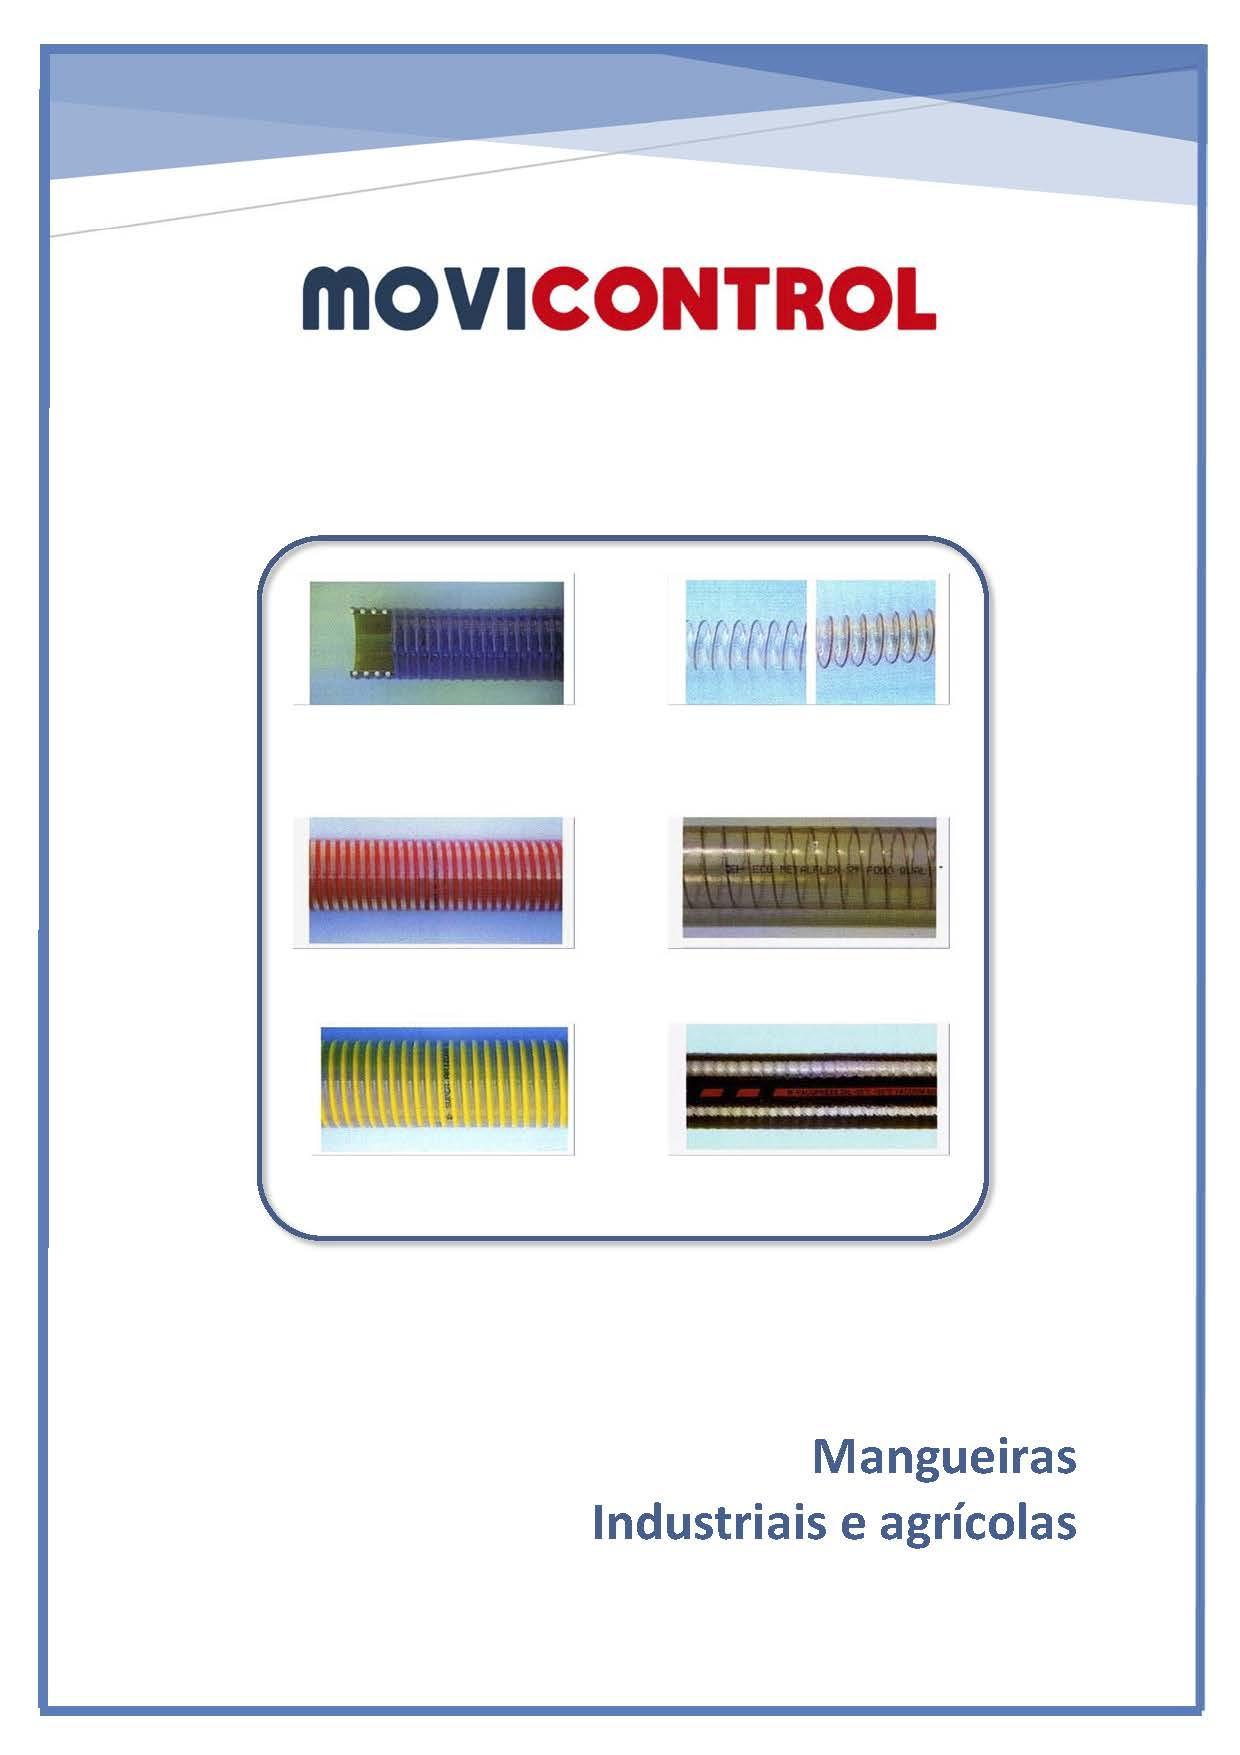 folheto mangueiras industriaisf_Página_1